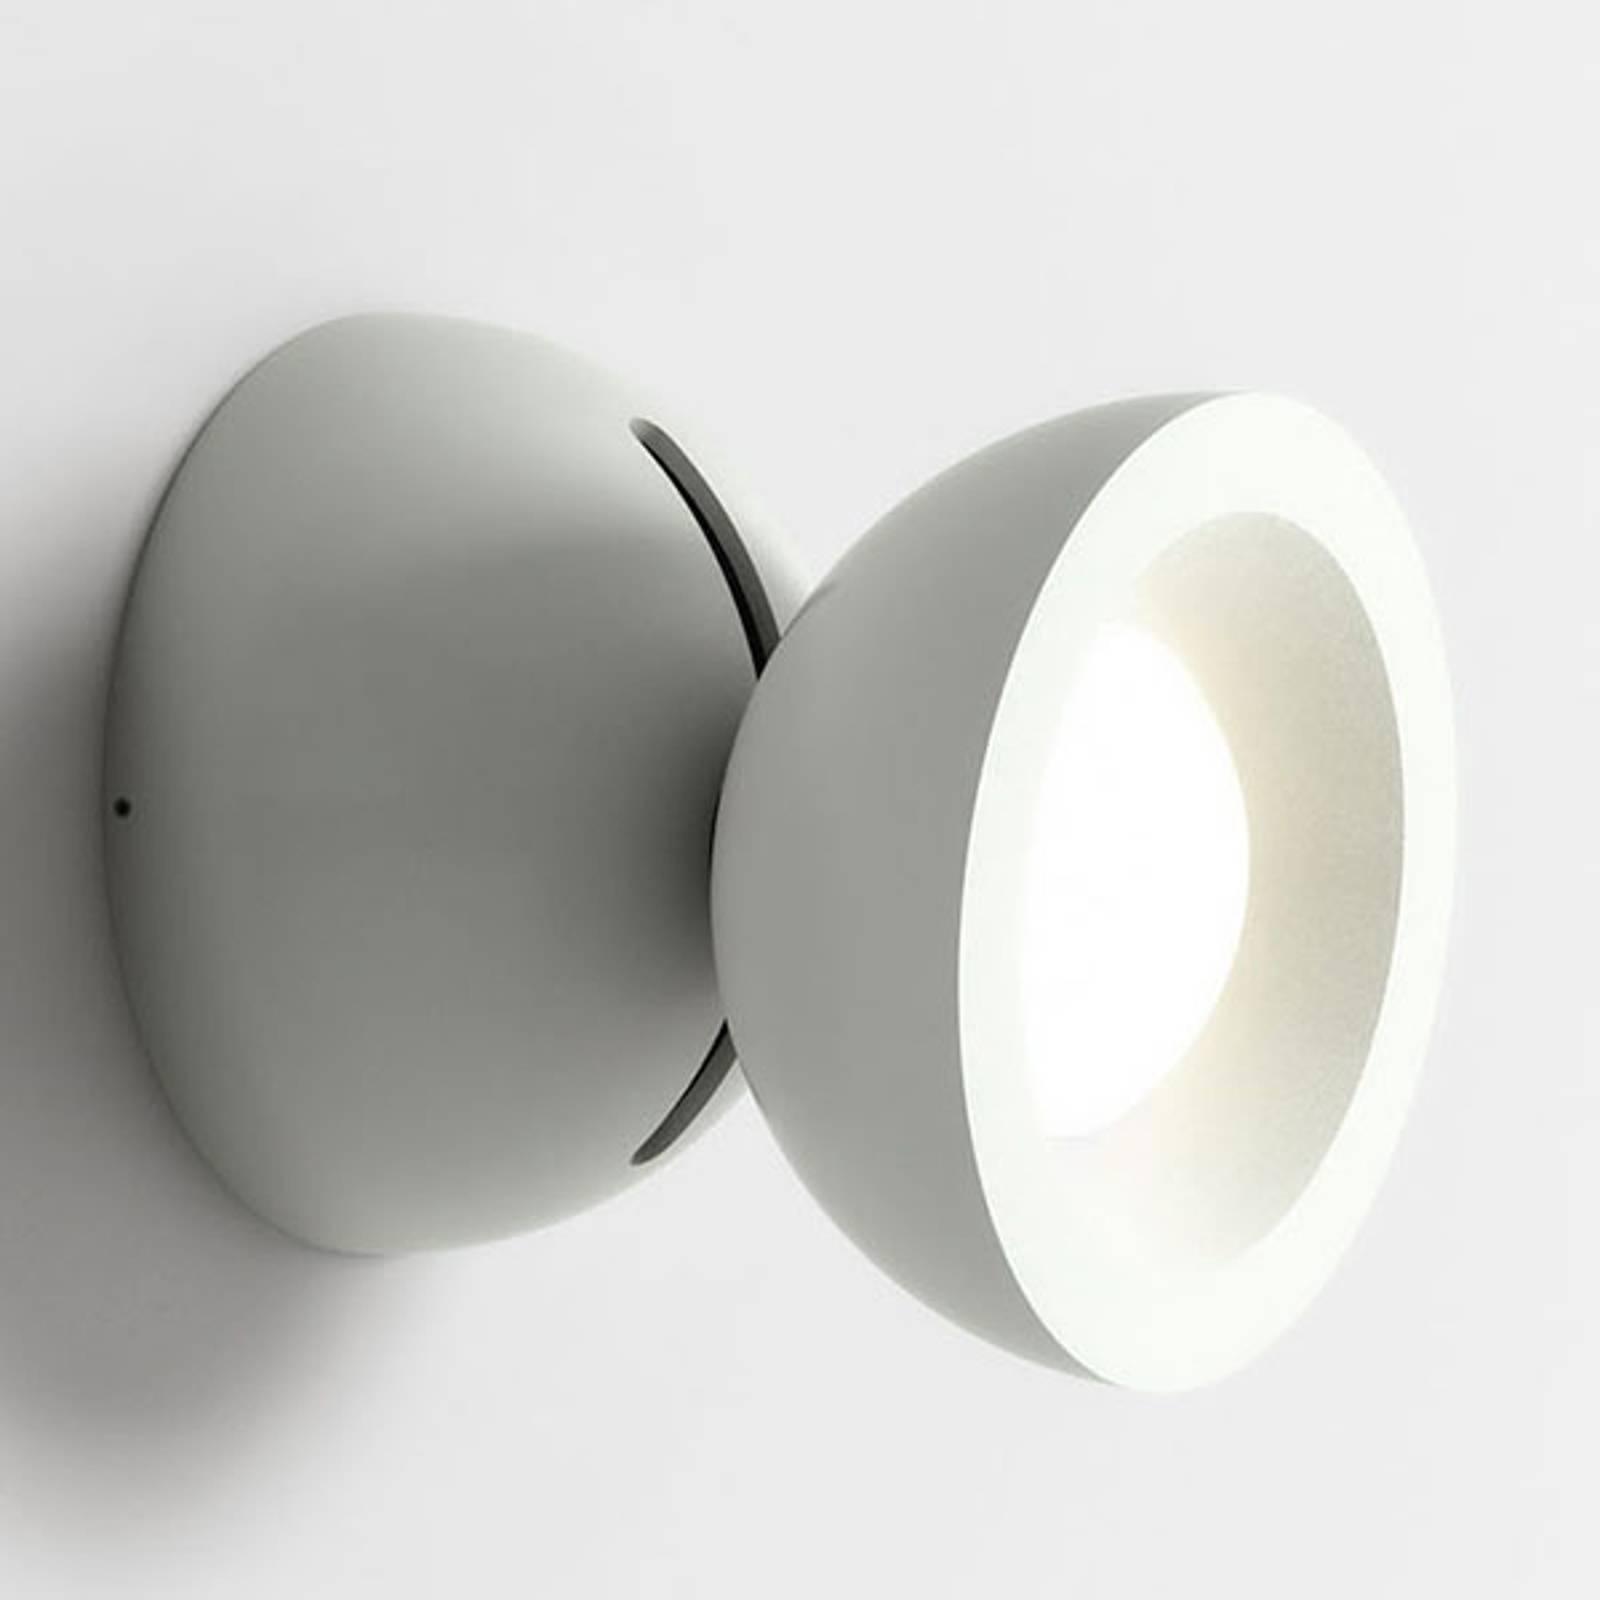 Axolight DoDot LED-Wandleuchte, weiß 46°